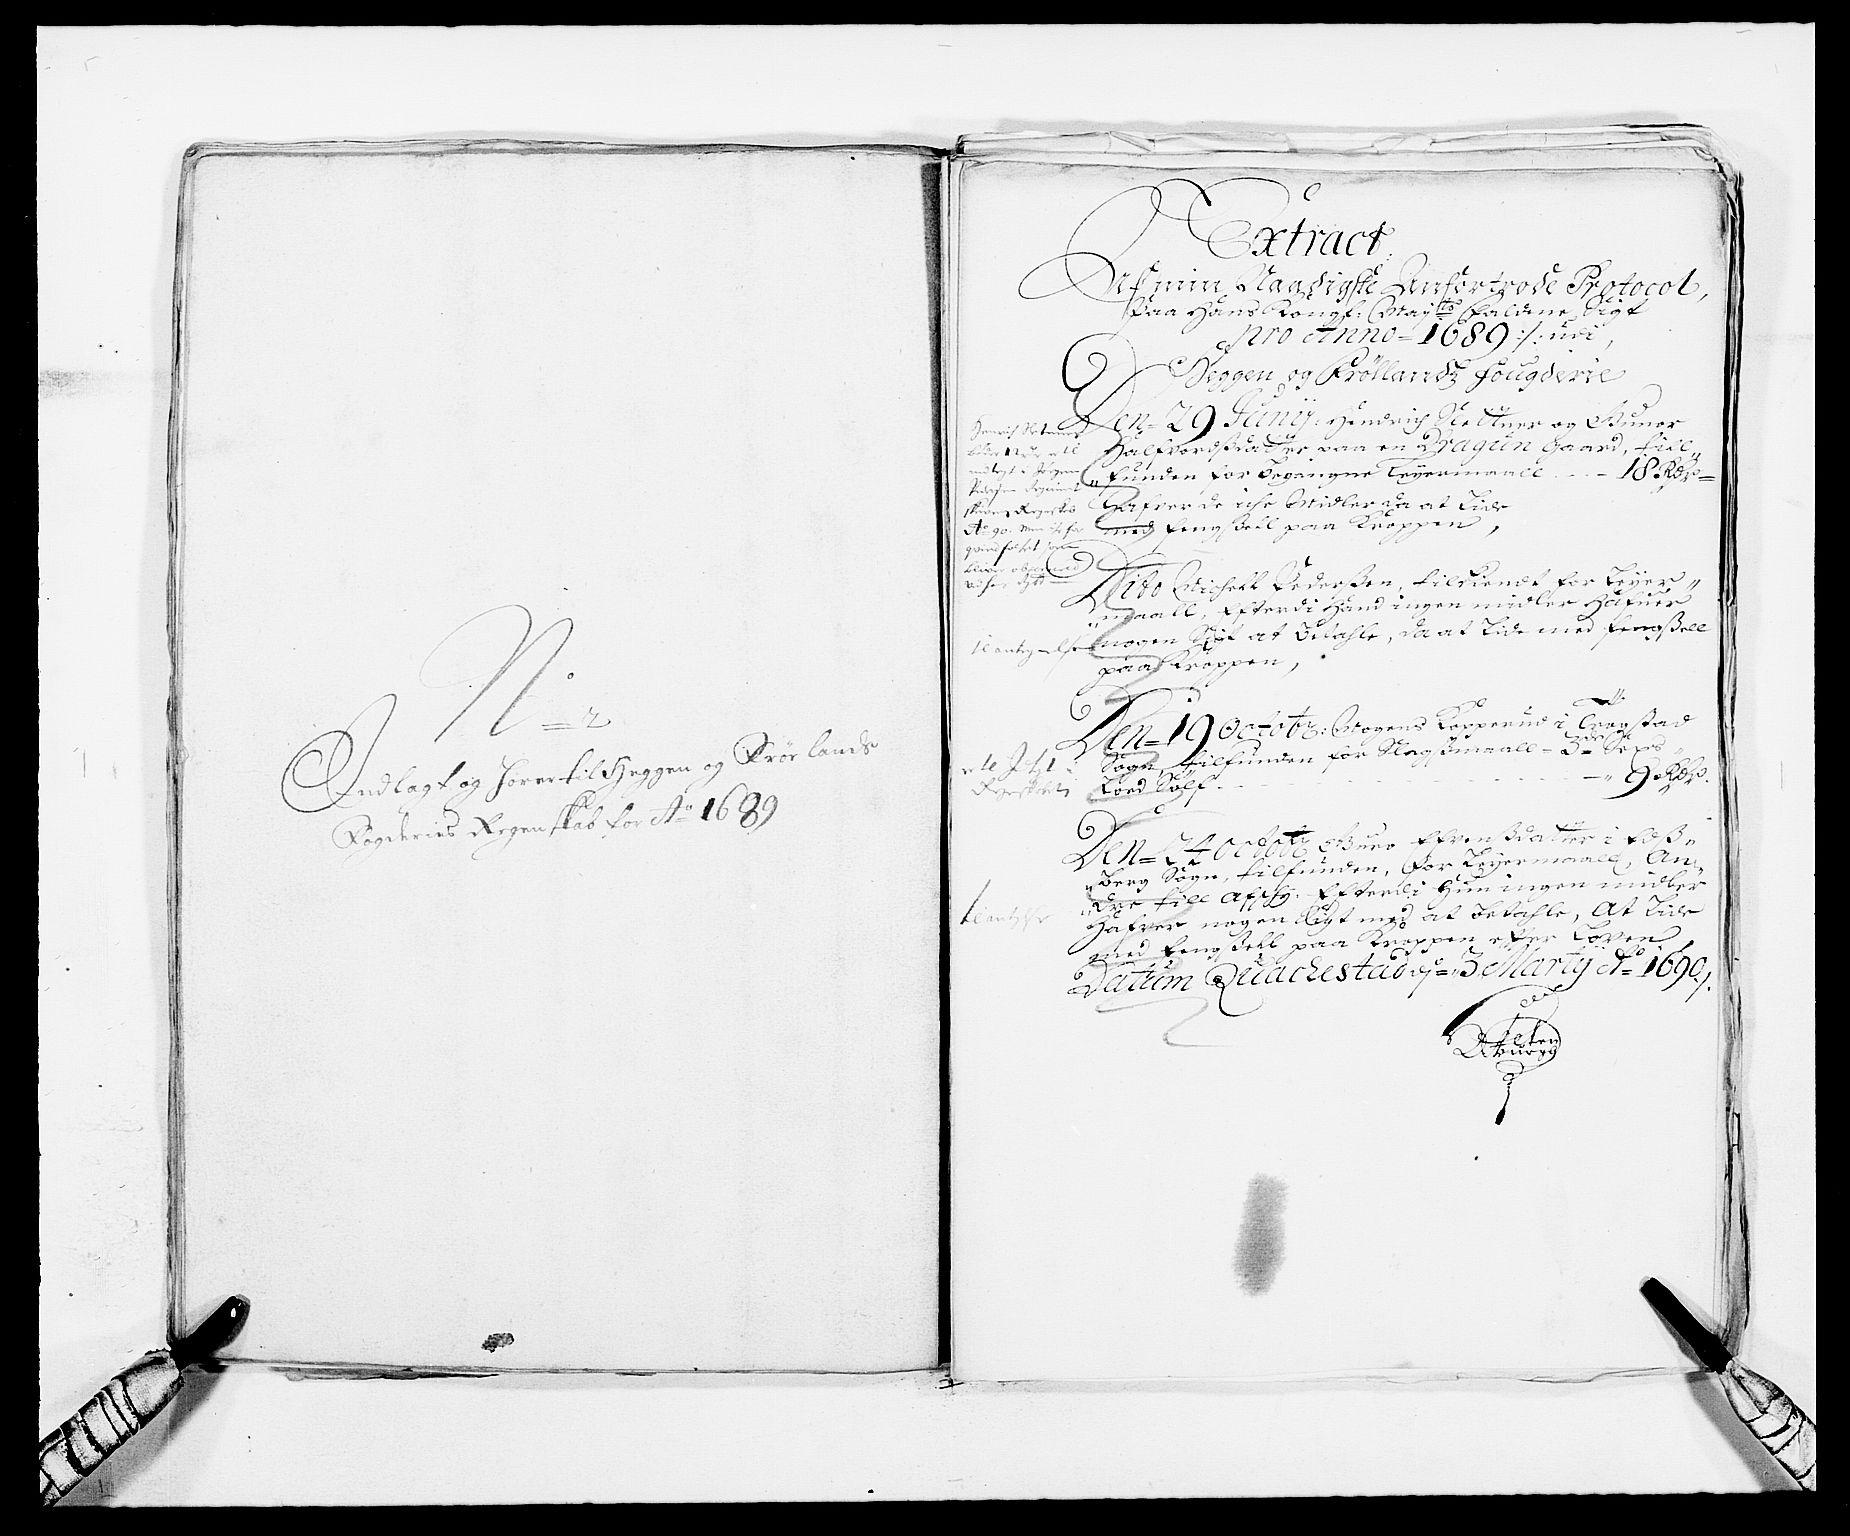 RA, Rentekammeret inntil 1814, Reviderte regnskaper, Fogderegnskap, R06/L0282: Fogderegnskap Heggen og Frøland, 1687-1690, s. 148